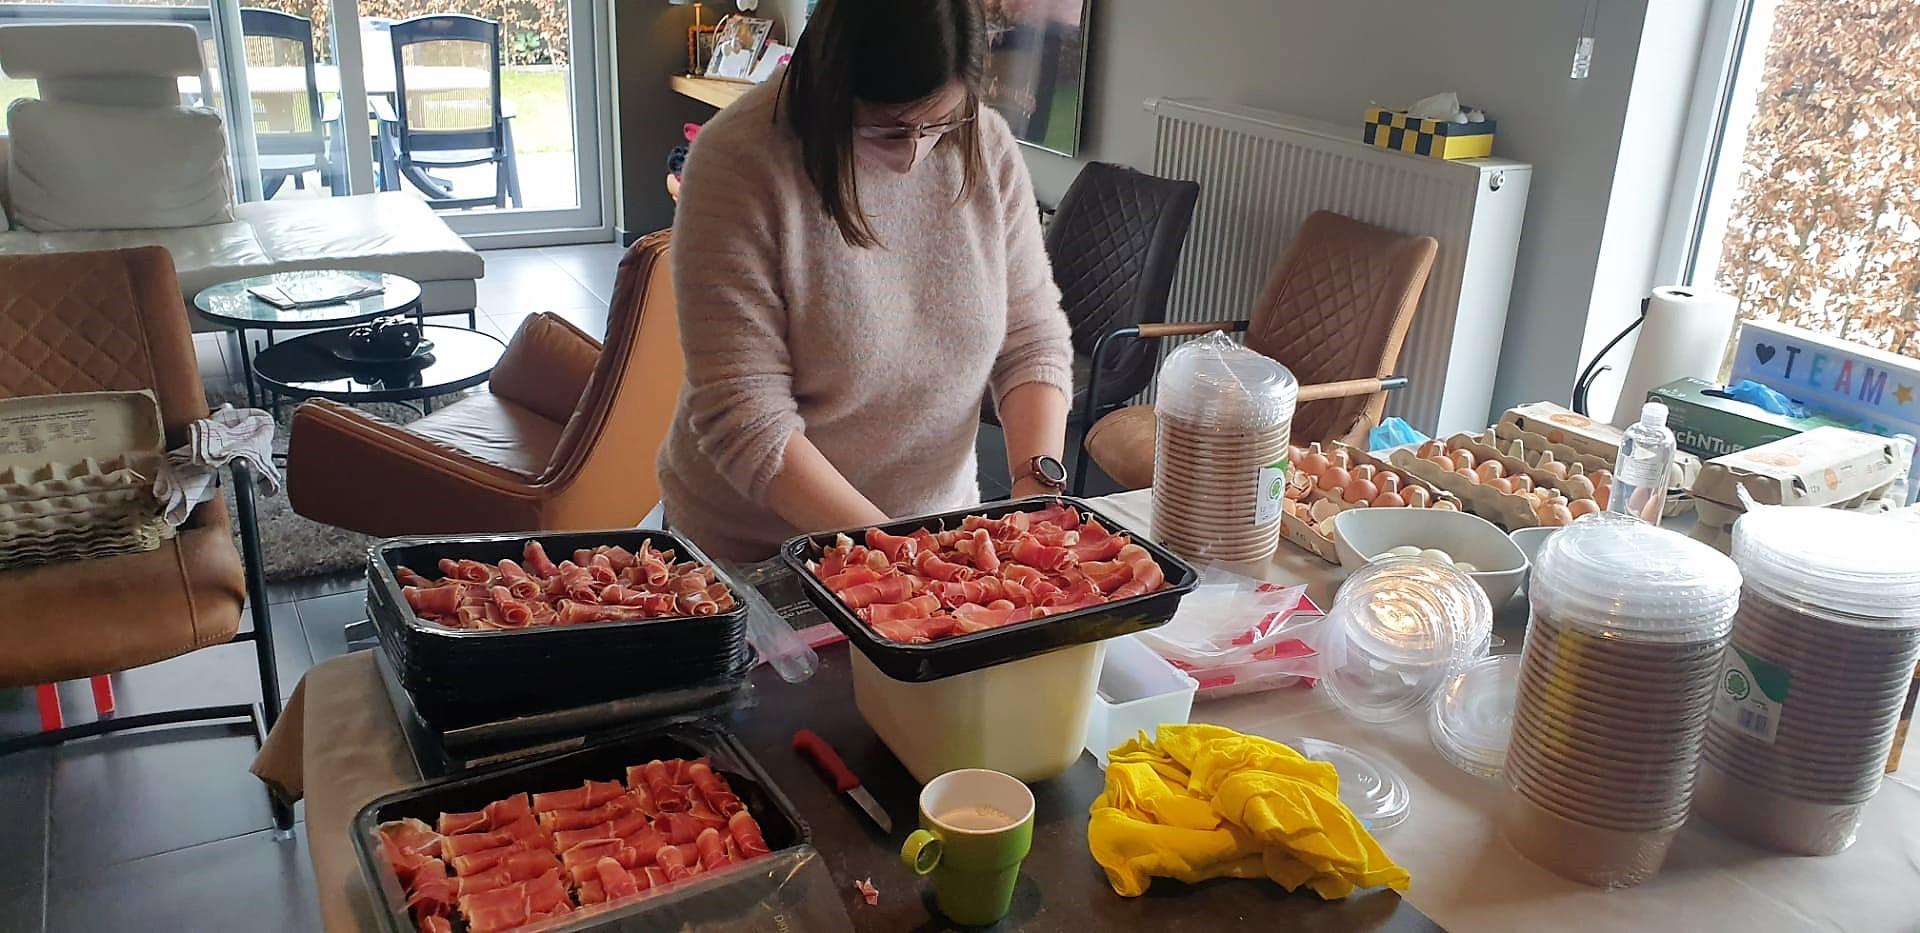 Coronaproof voorbereiding van het ontbijt. Bedankt activiteitengroep !